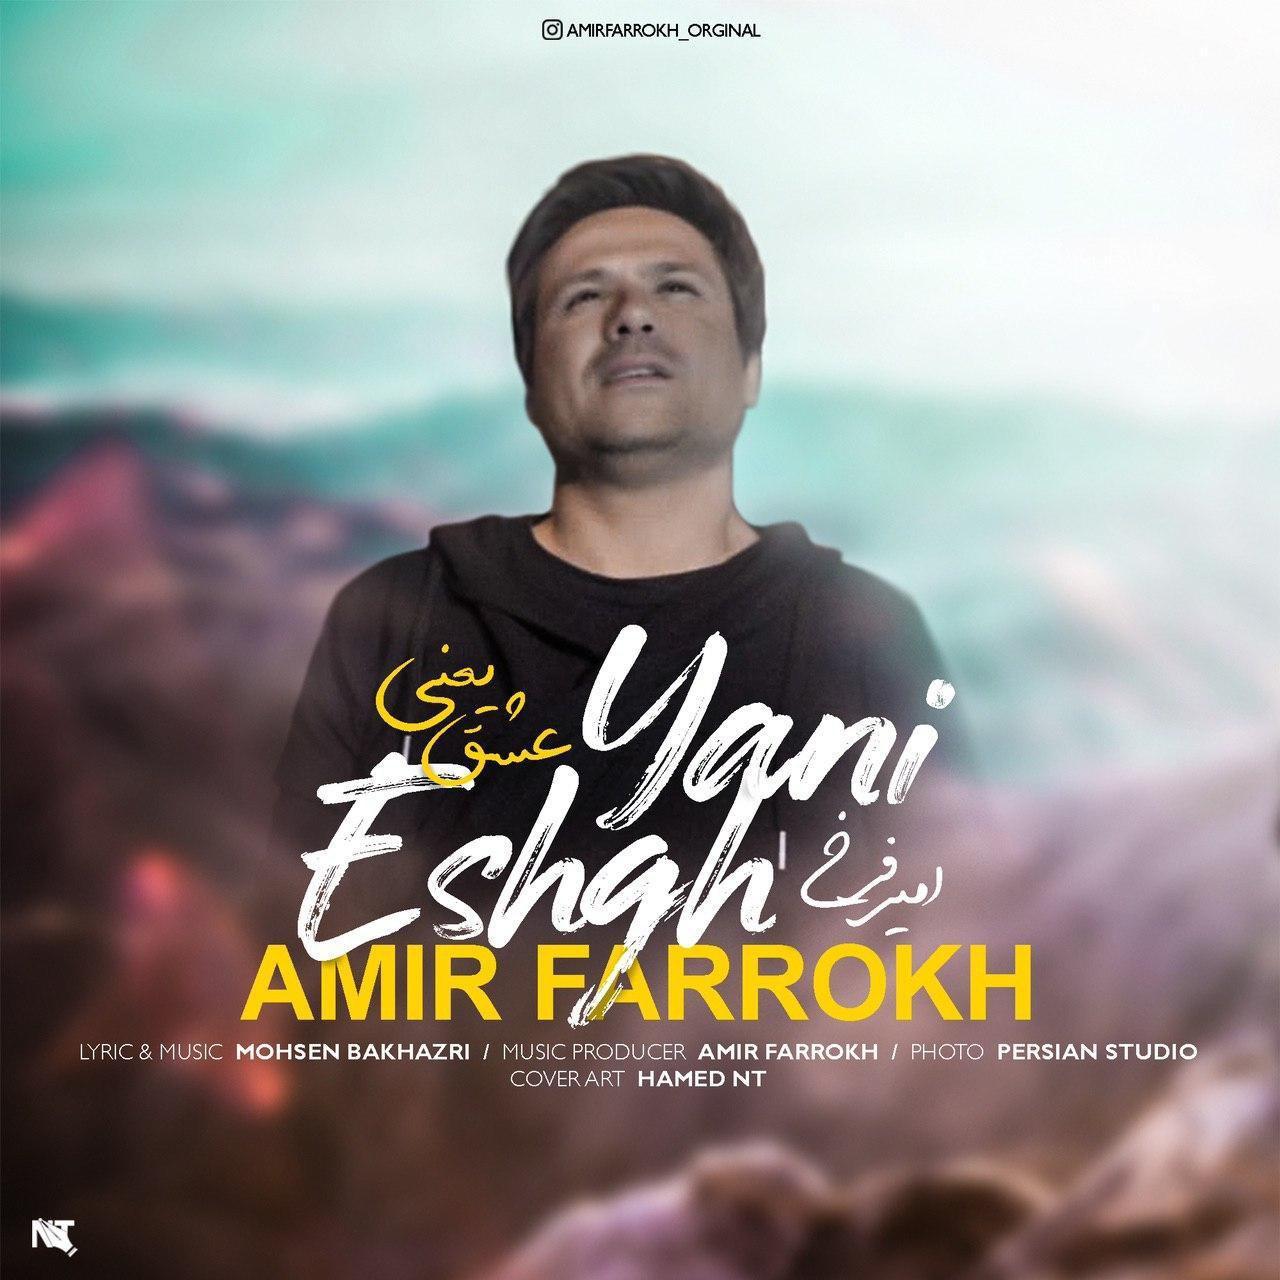 Amir Farrokh – Eshgh Yani